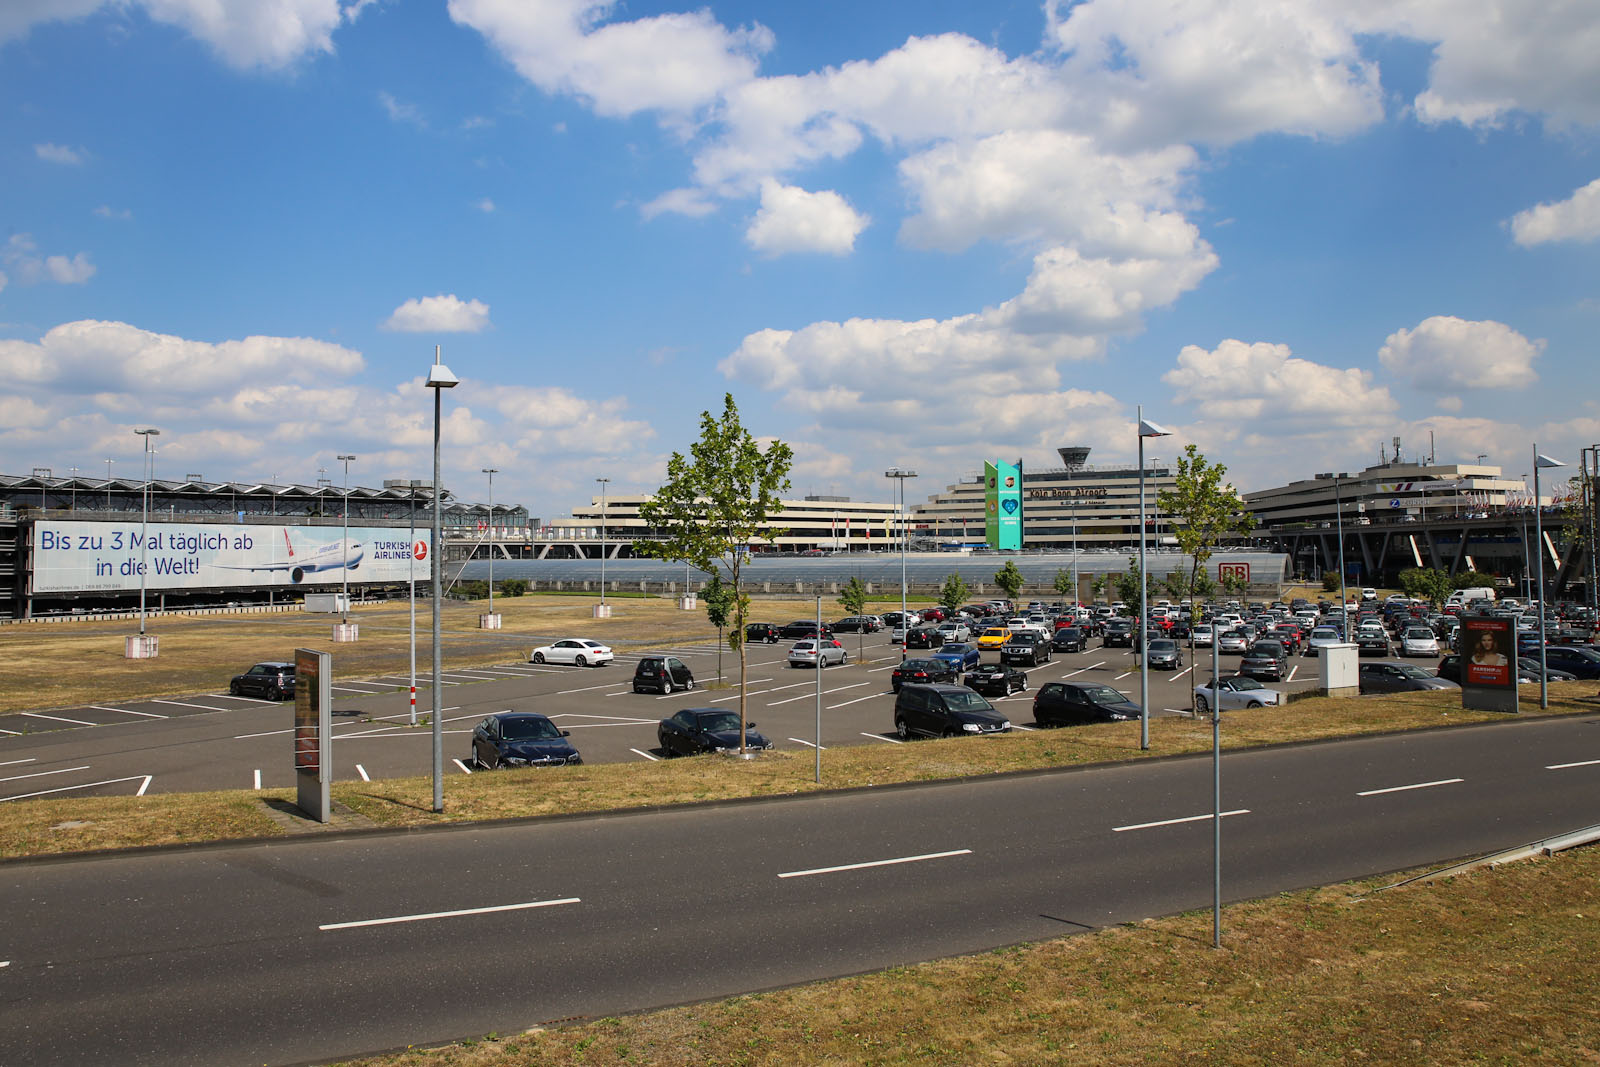 Привокзальная площадь аэропорта Кёльн/Бонн